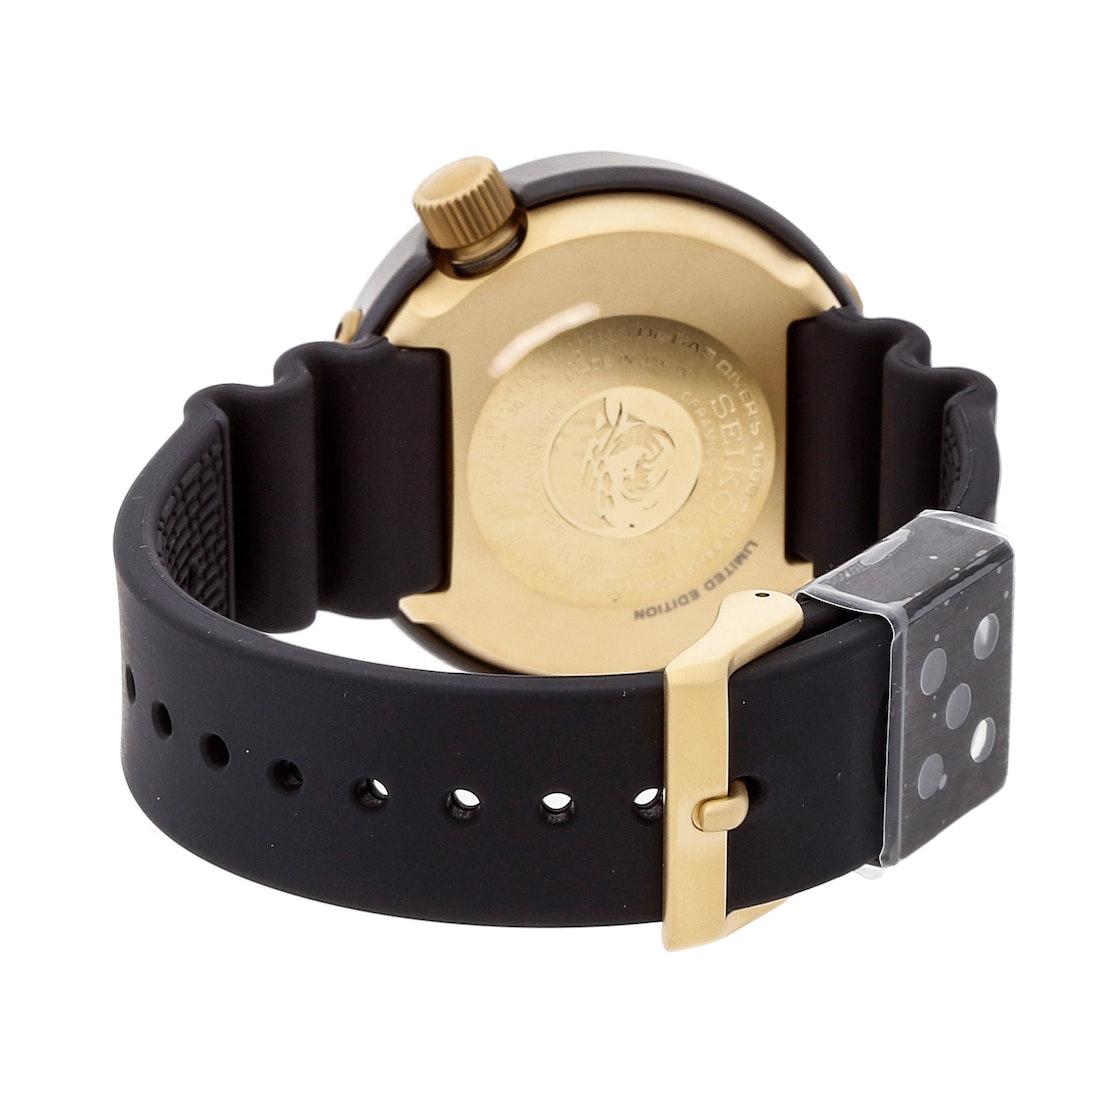 Seiko Prospex S23626 1000m Diver Limited Edition S23626